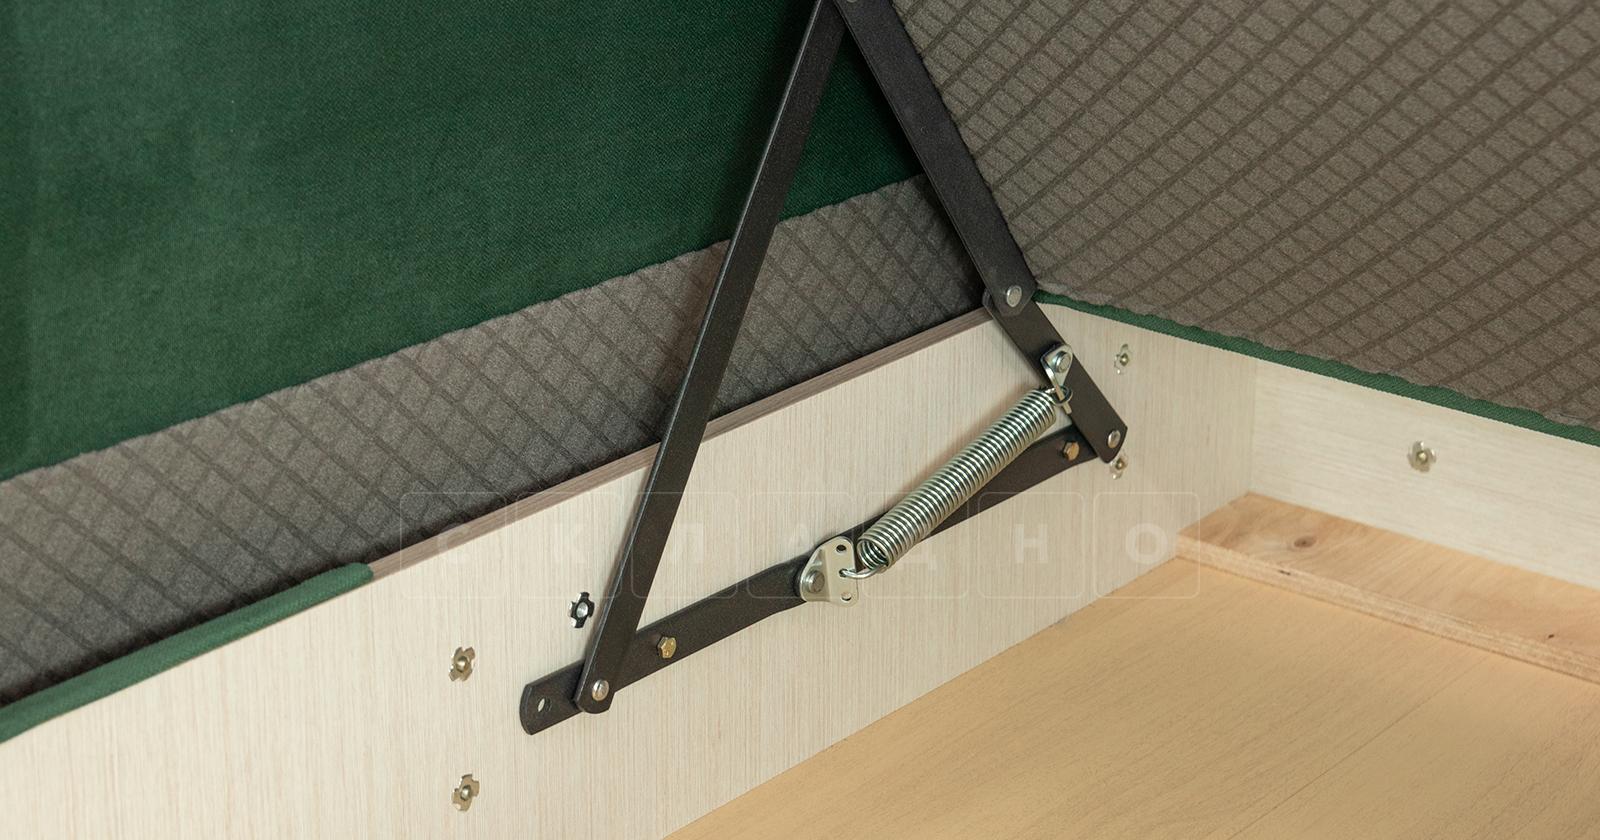 Диван-кровать угловой Флэтфорд нефритовый зеленый фото 15 | интернет-магазин Складно